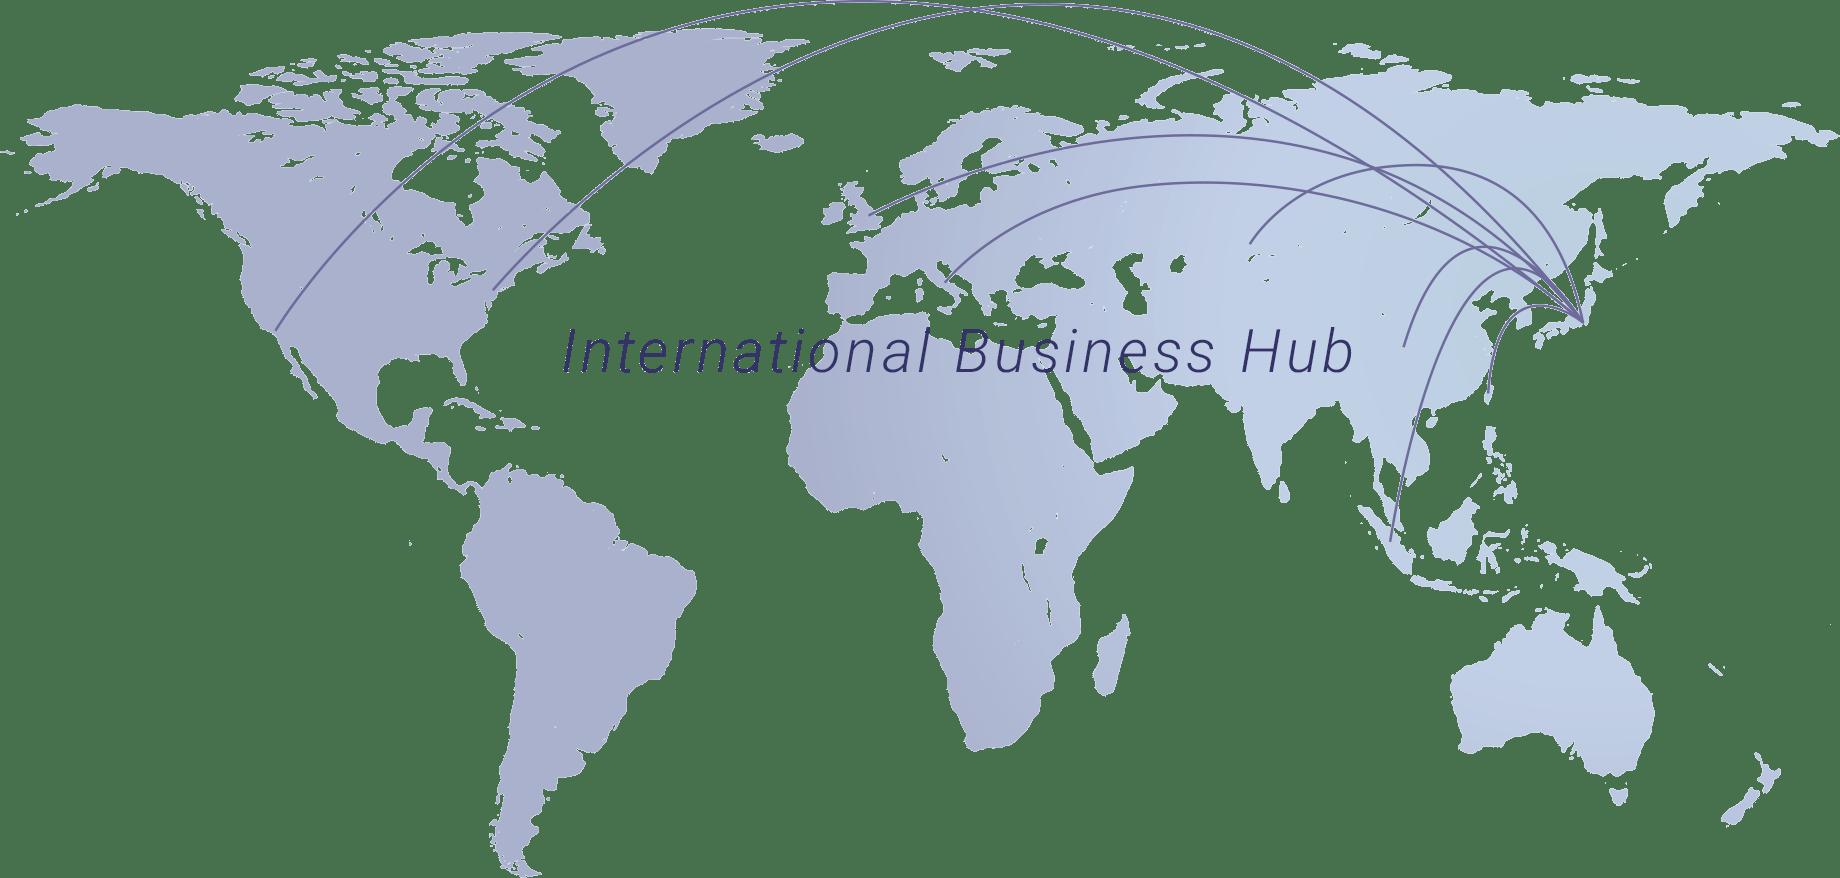 世界地図を用いて、ミナトマネジメントからたくさんの線が伸び、世界と繋いでいる図